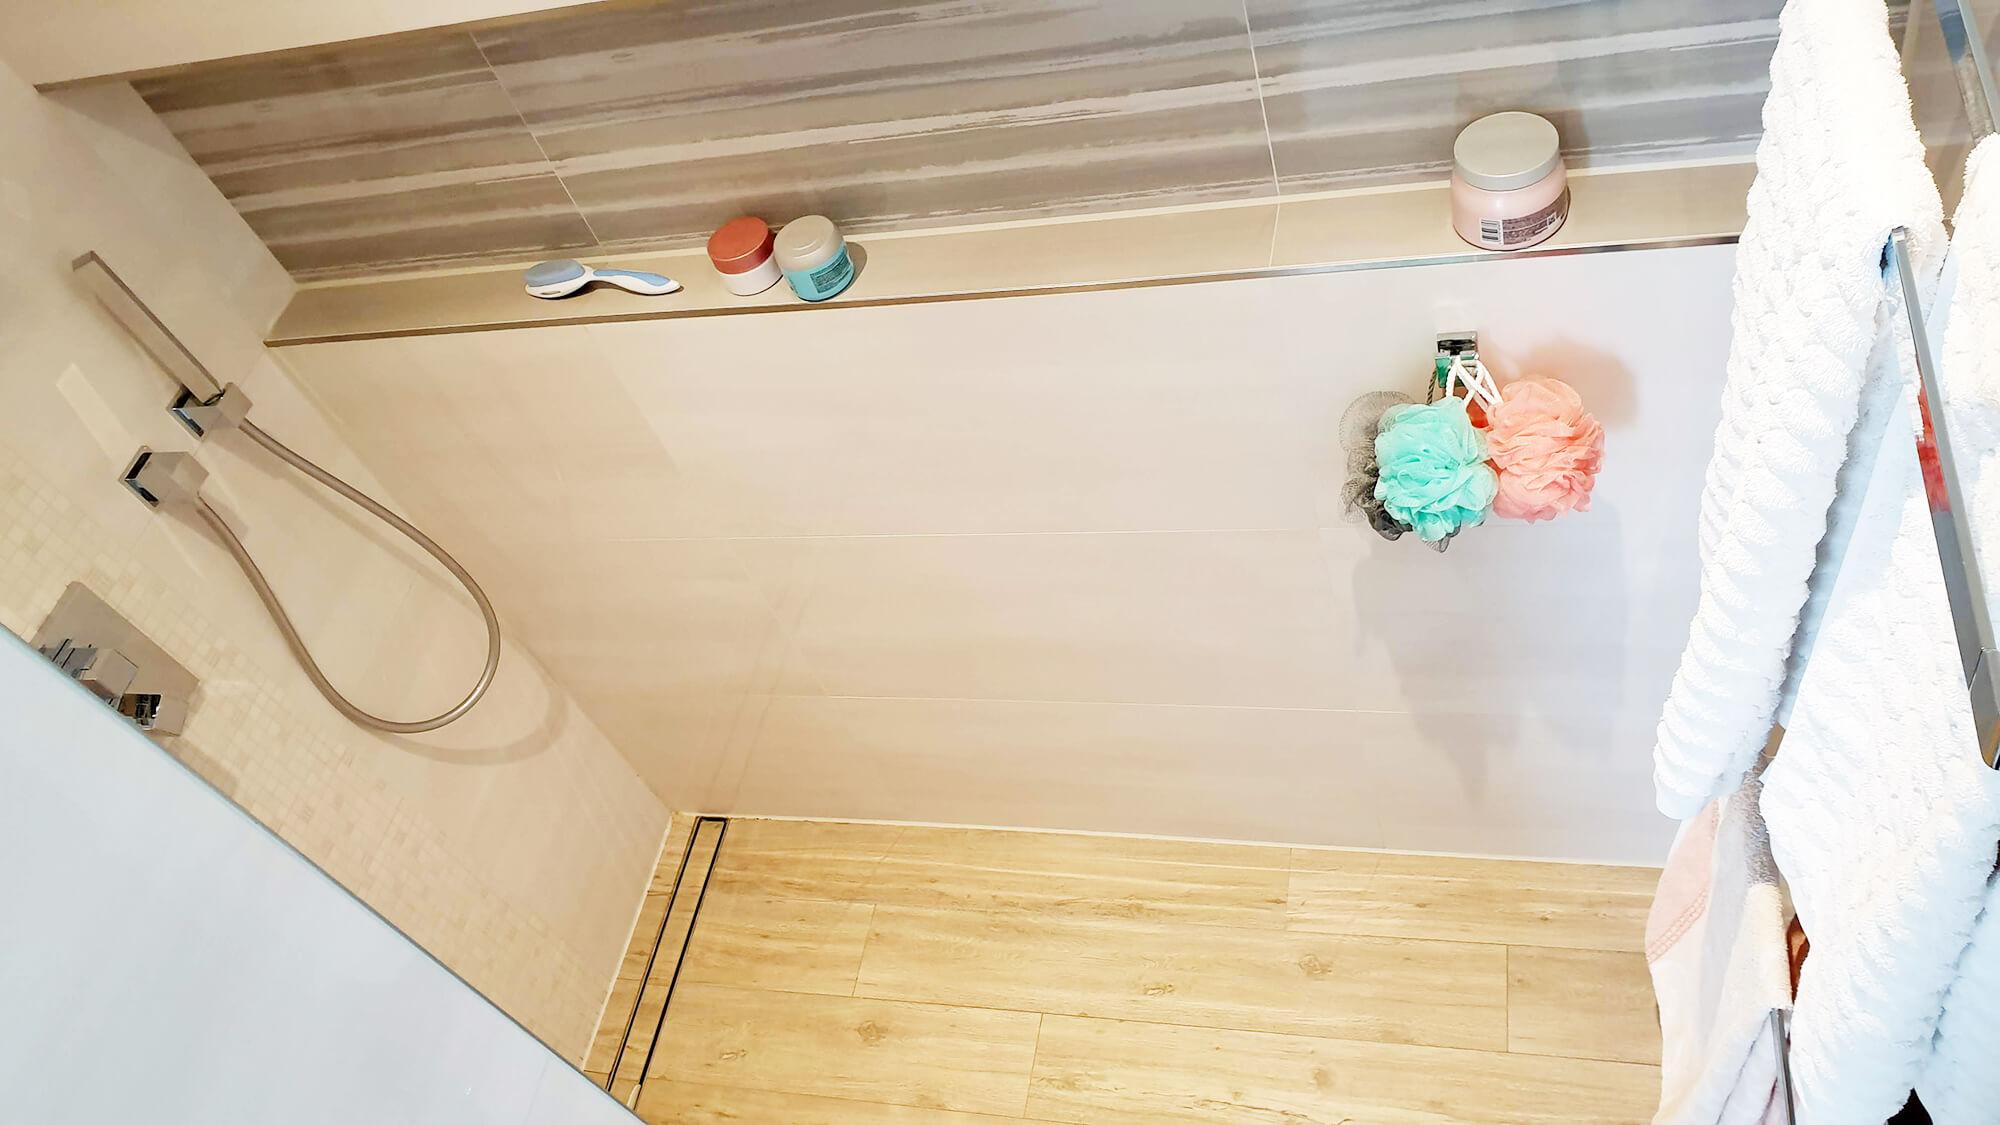 Full Size of Begehbare Dusche Duschabtrennung Im Badezimmer 3 Mglichkeiten Zu Duschen Rainshower Pendeltür Bodengleiche Nachträglich Einbauen Badewanne Mit Ohne Tür Dusche Begehbare Dusche